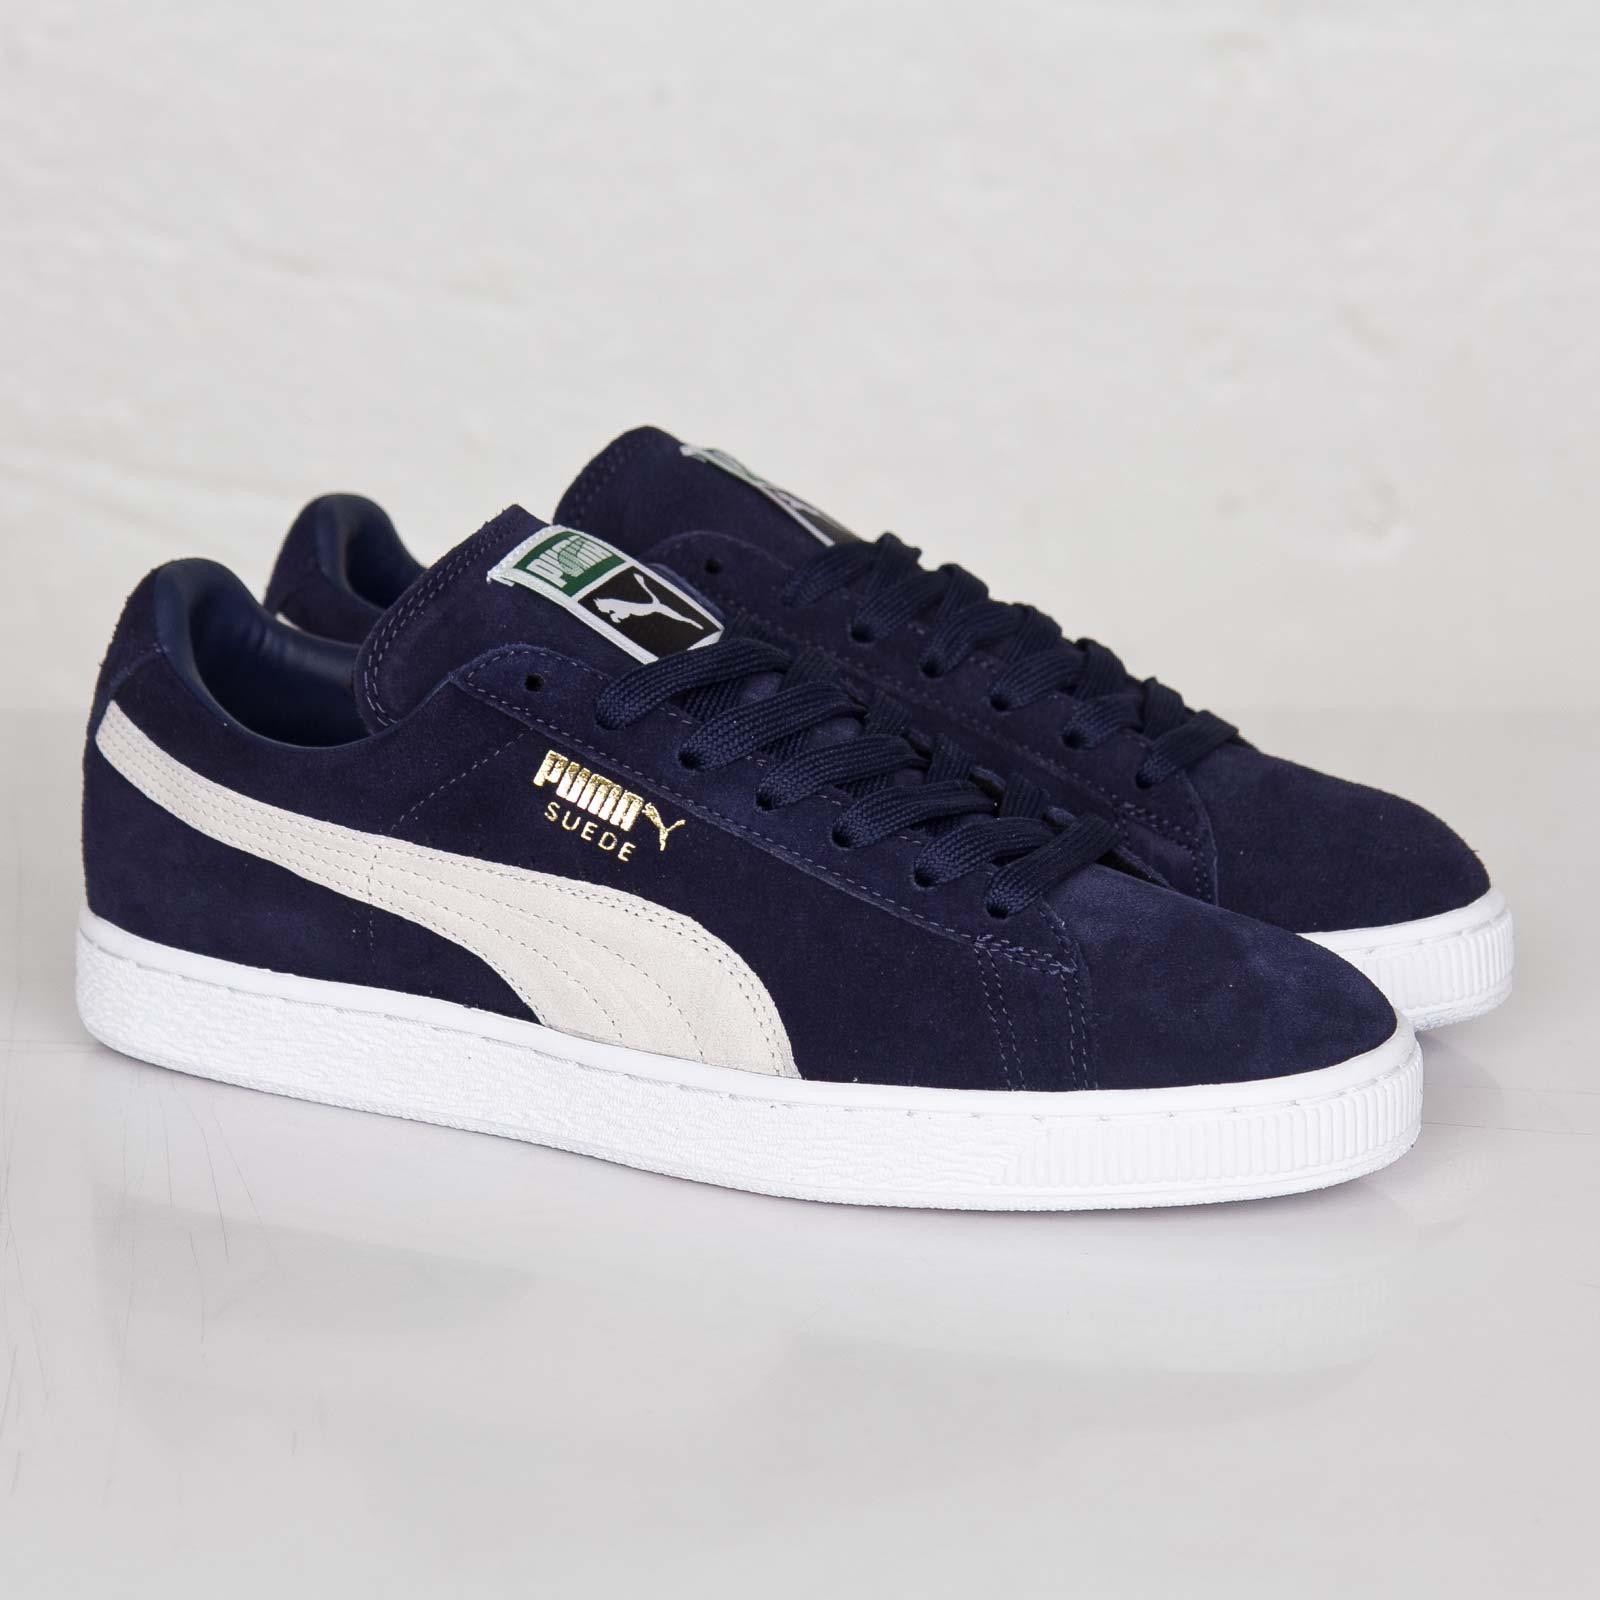 Puma Suede Classic+ - 356568-51 - Sneakersnstuff  2b156a314